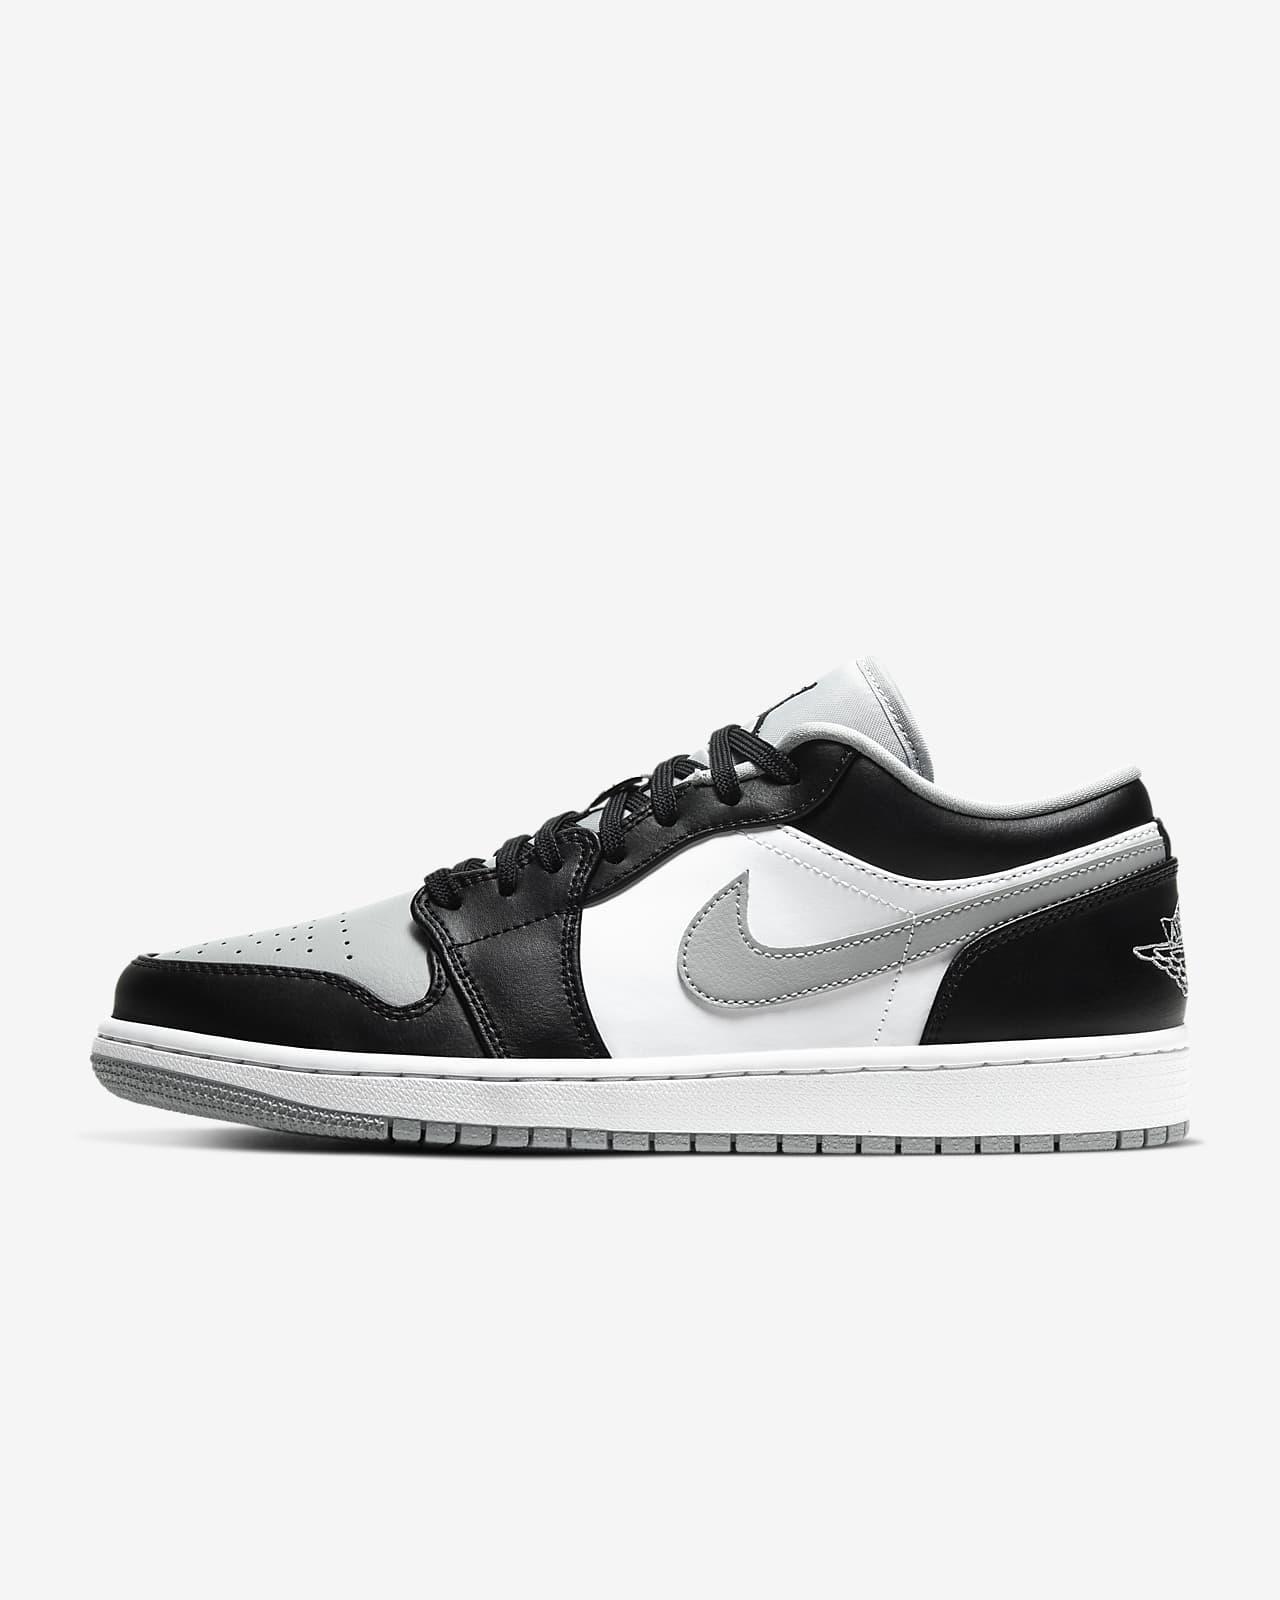 jordan 1 grey and black